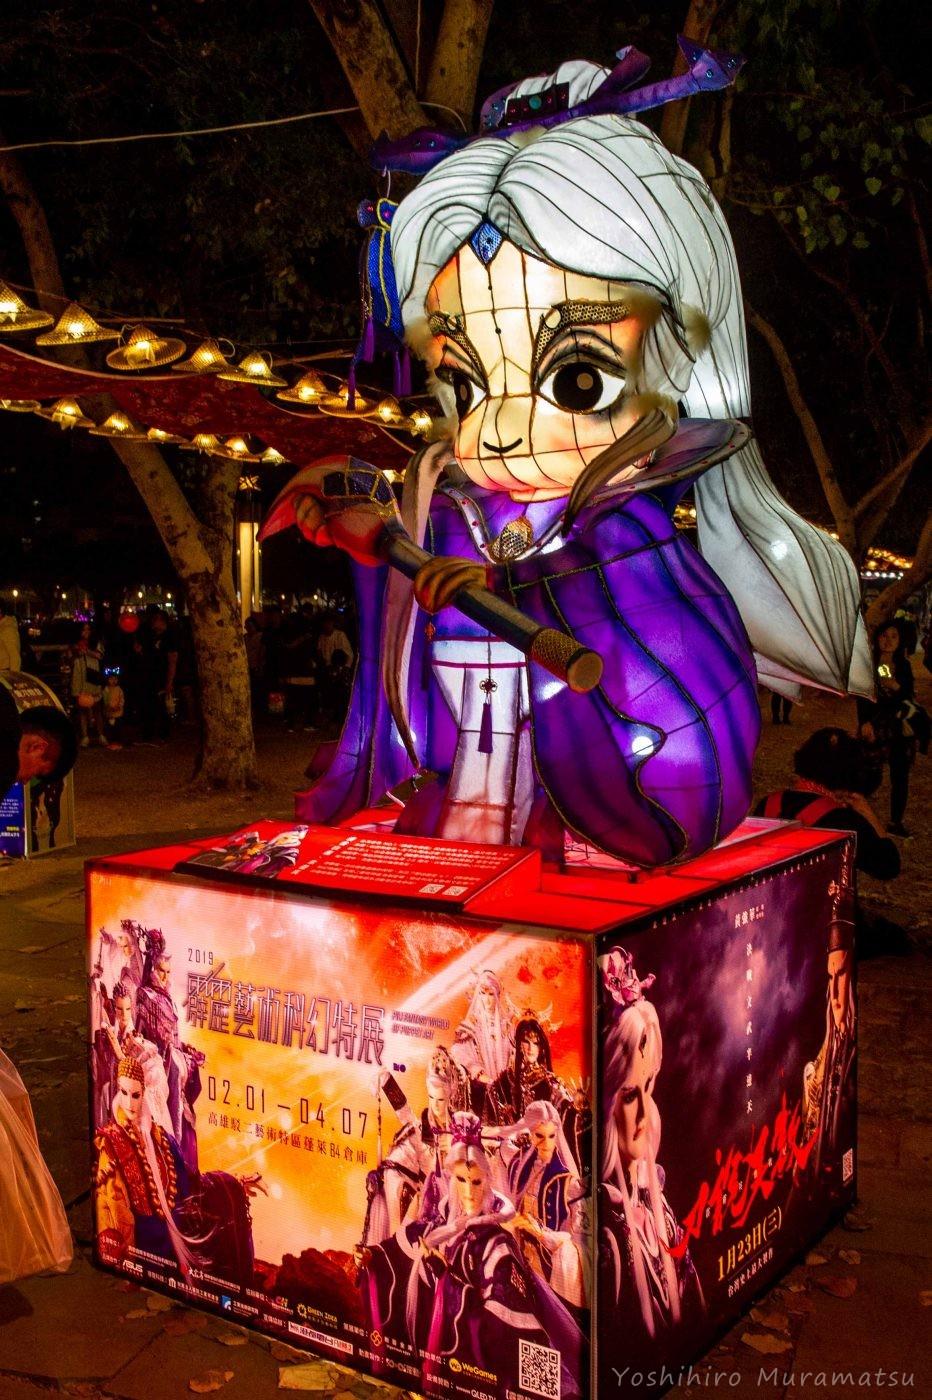 祭りの風景。テレビで放送されている人形劇のキャラクターモチーフ。